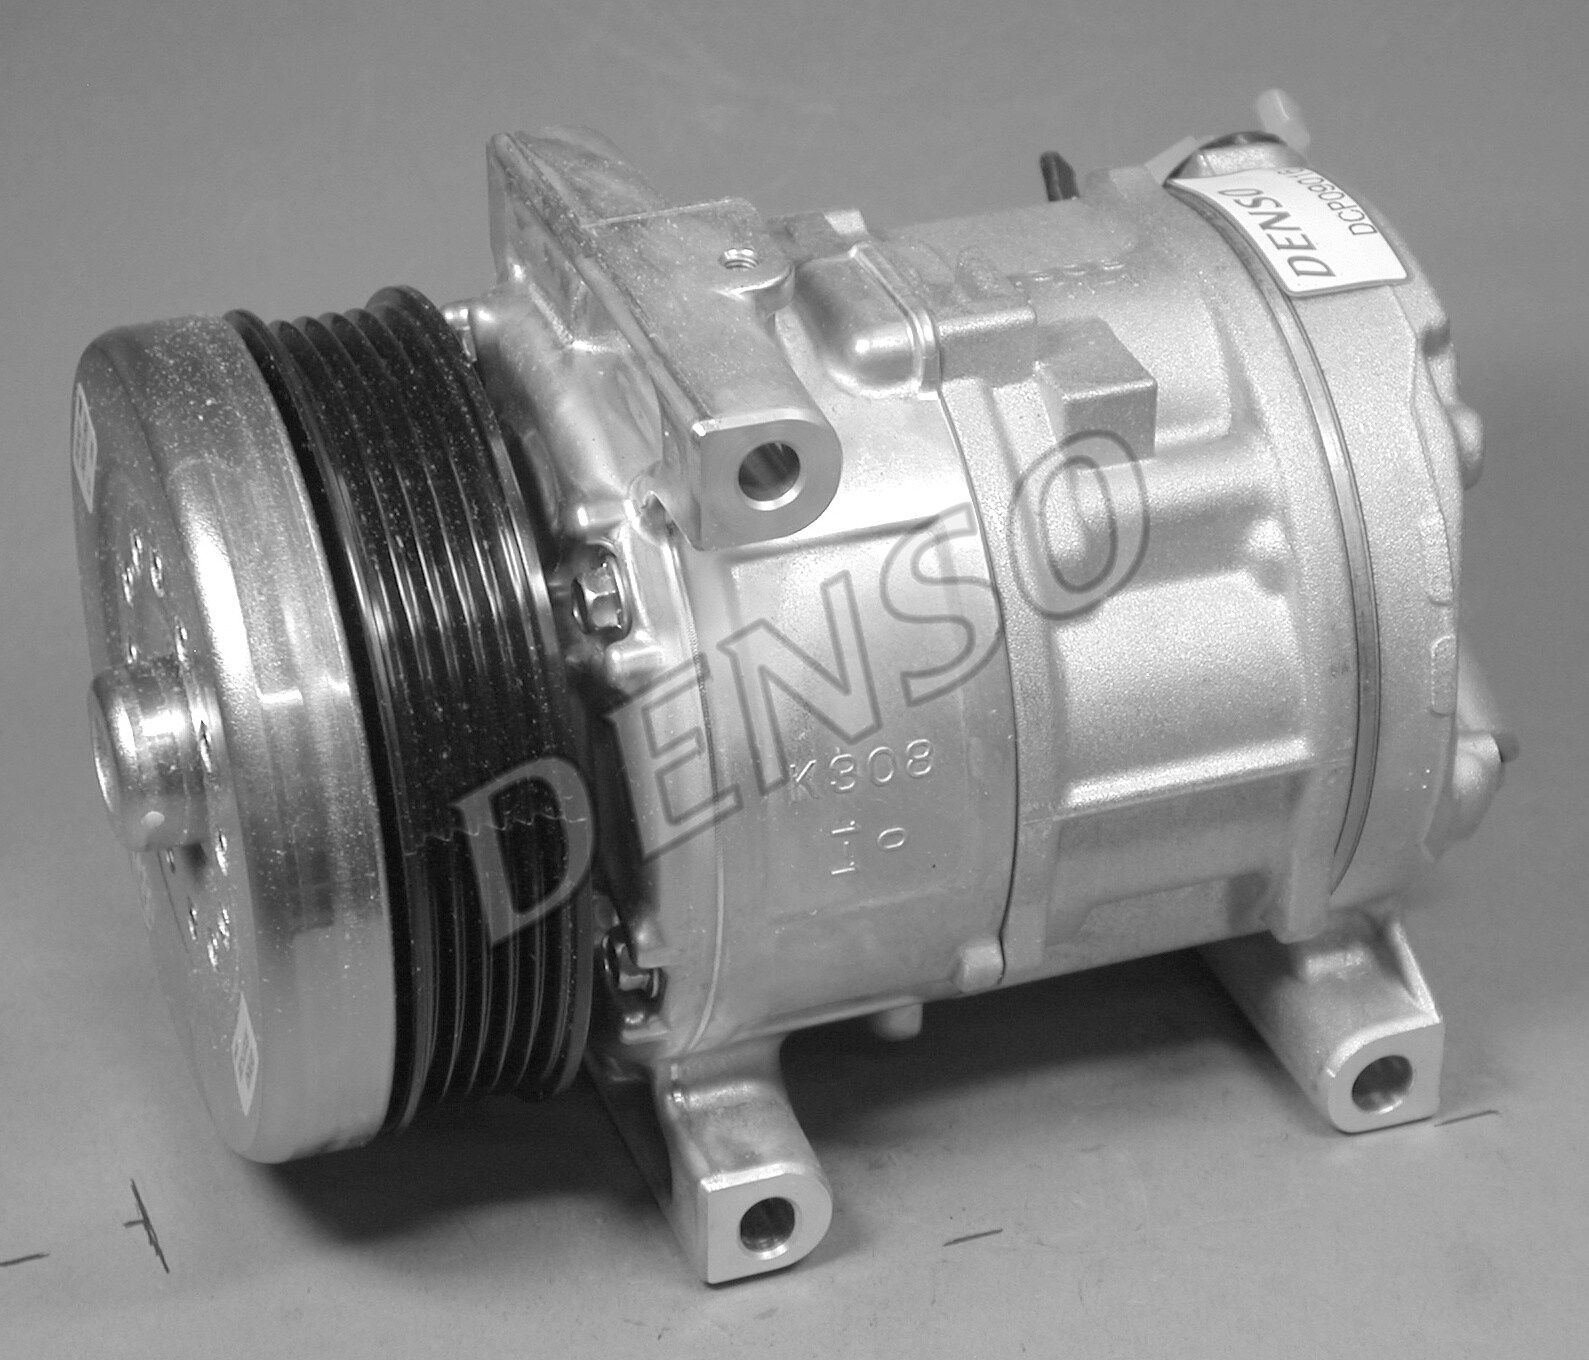 DCP09016 DENSO PAG 46, Kältemittel: R 134a Riemenscheiben-Ø: 110mm, Anzahl der Rillen: 5 Kompressor, Klimaanlage DCP09016 günstig kaufen